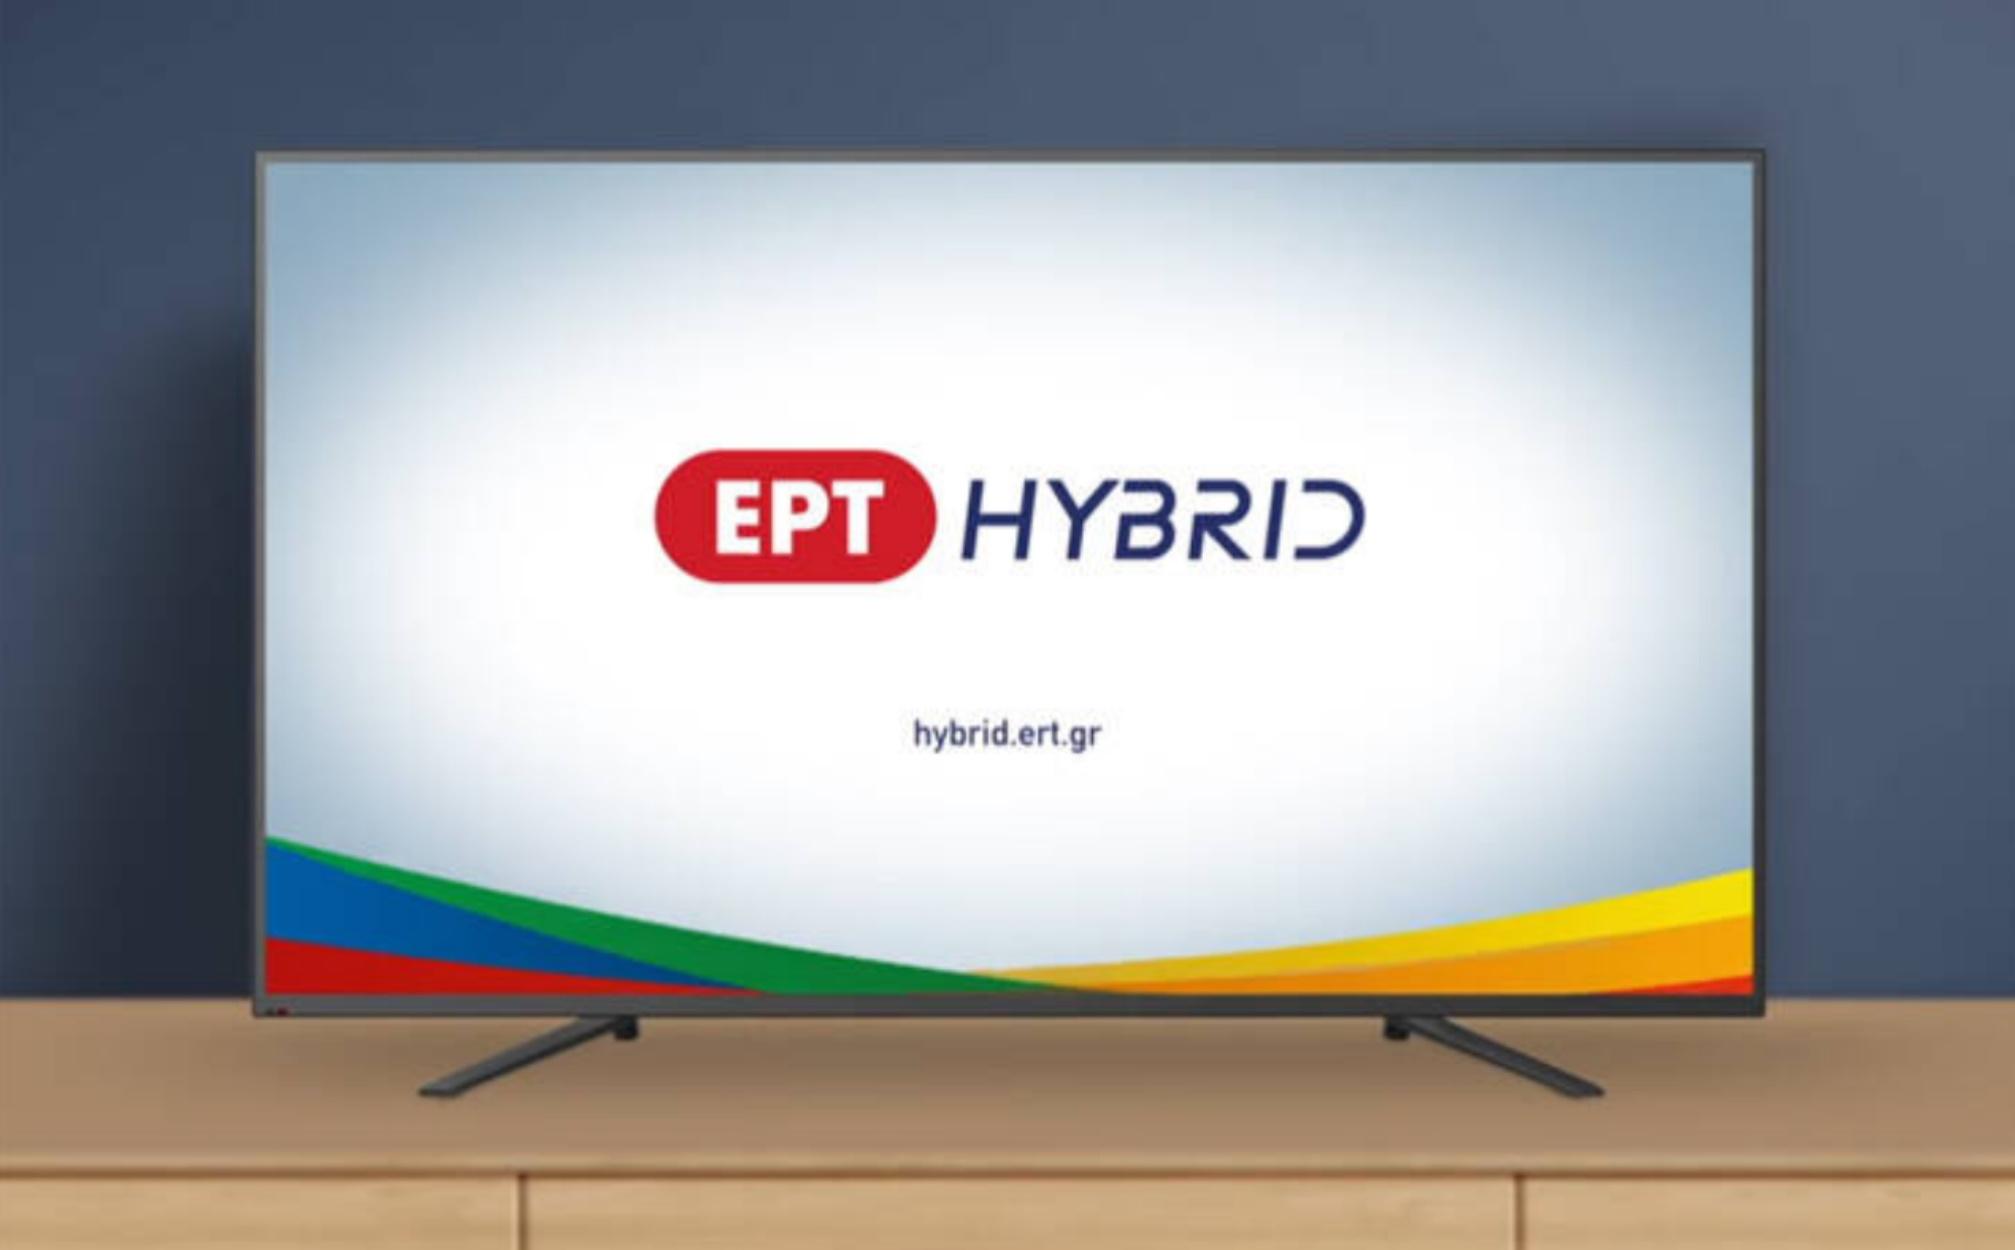 ΕΡΤ Hybrid: Αυτή είναι η δωρεάν πλατφόρμα ERTFLIX με ταινίες και σειρές